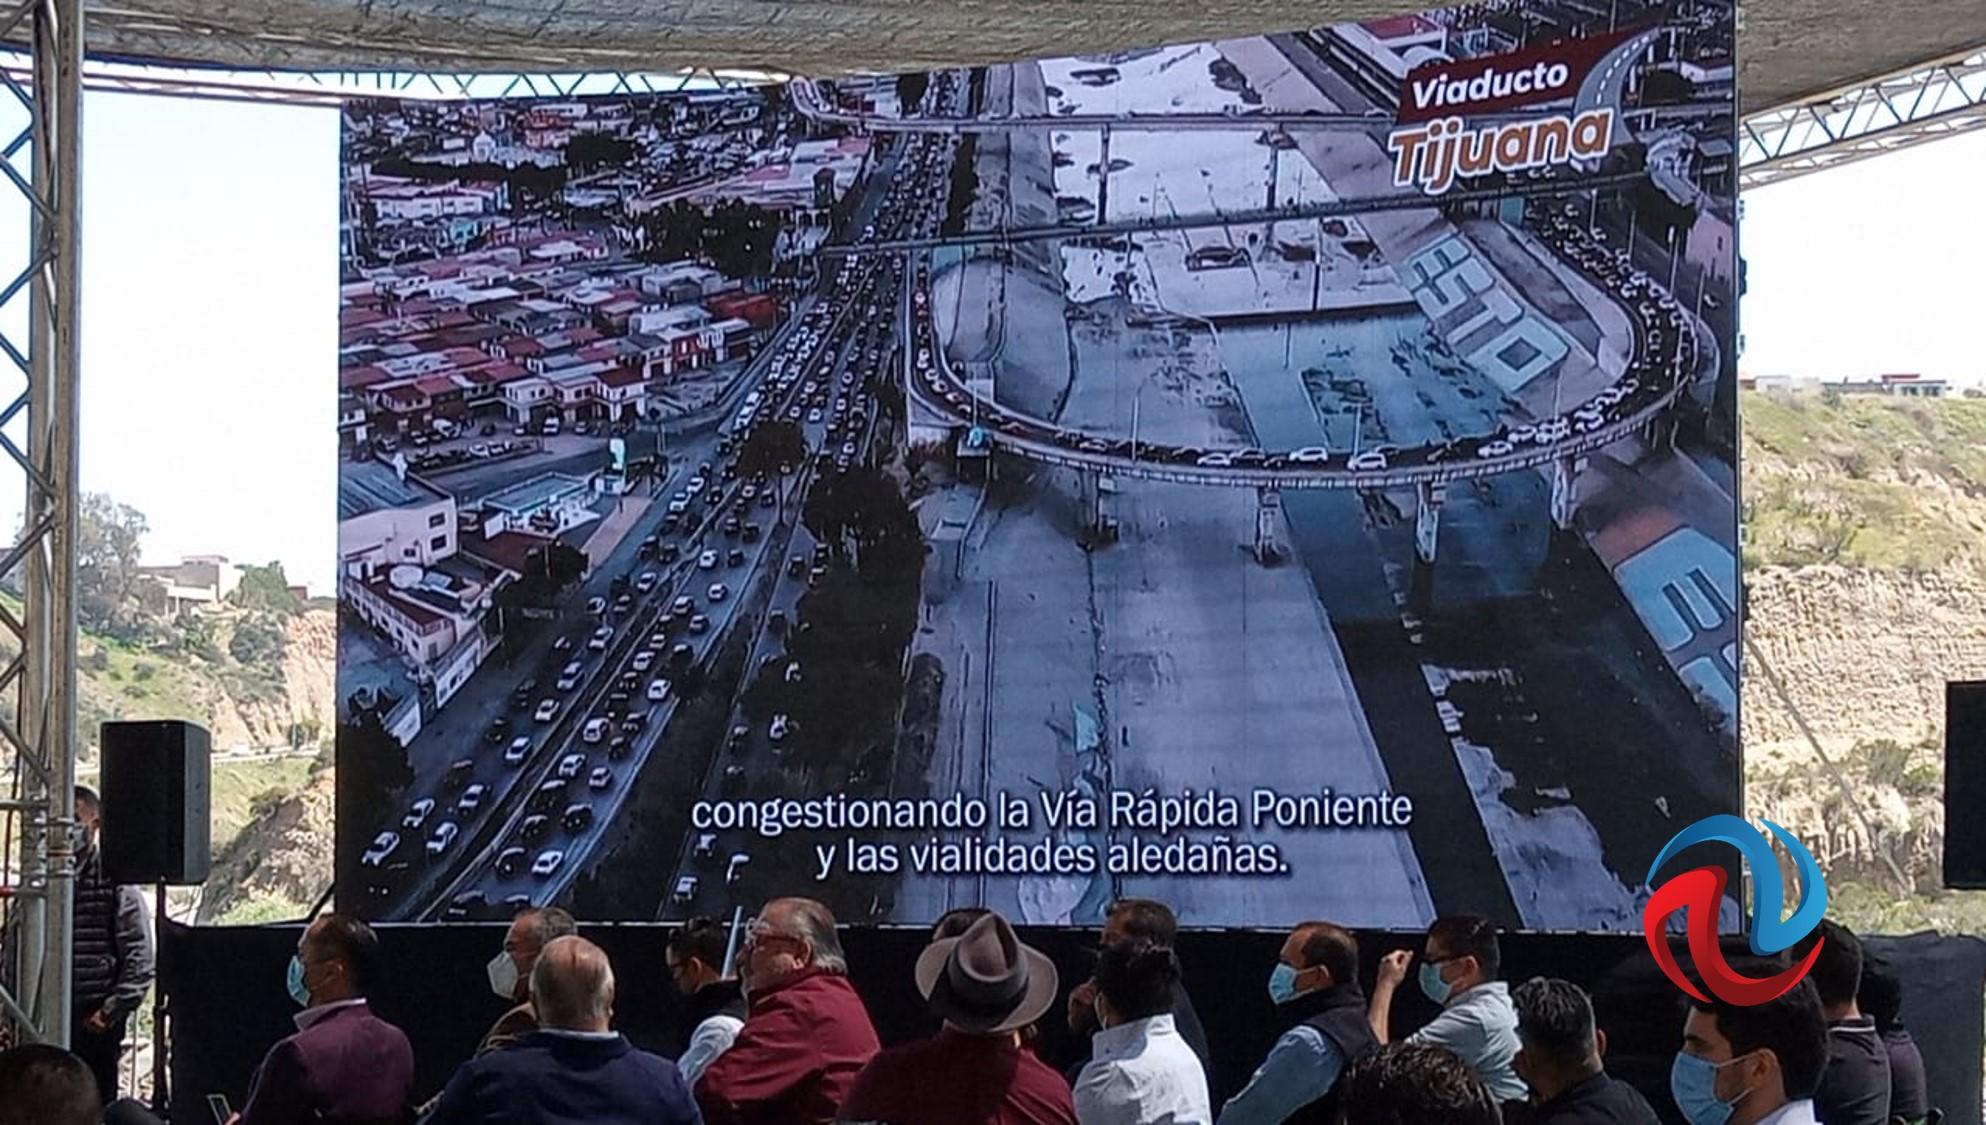 Presentan el proyecto del Viaducto Tijuana